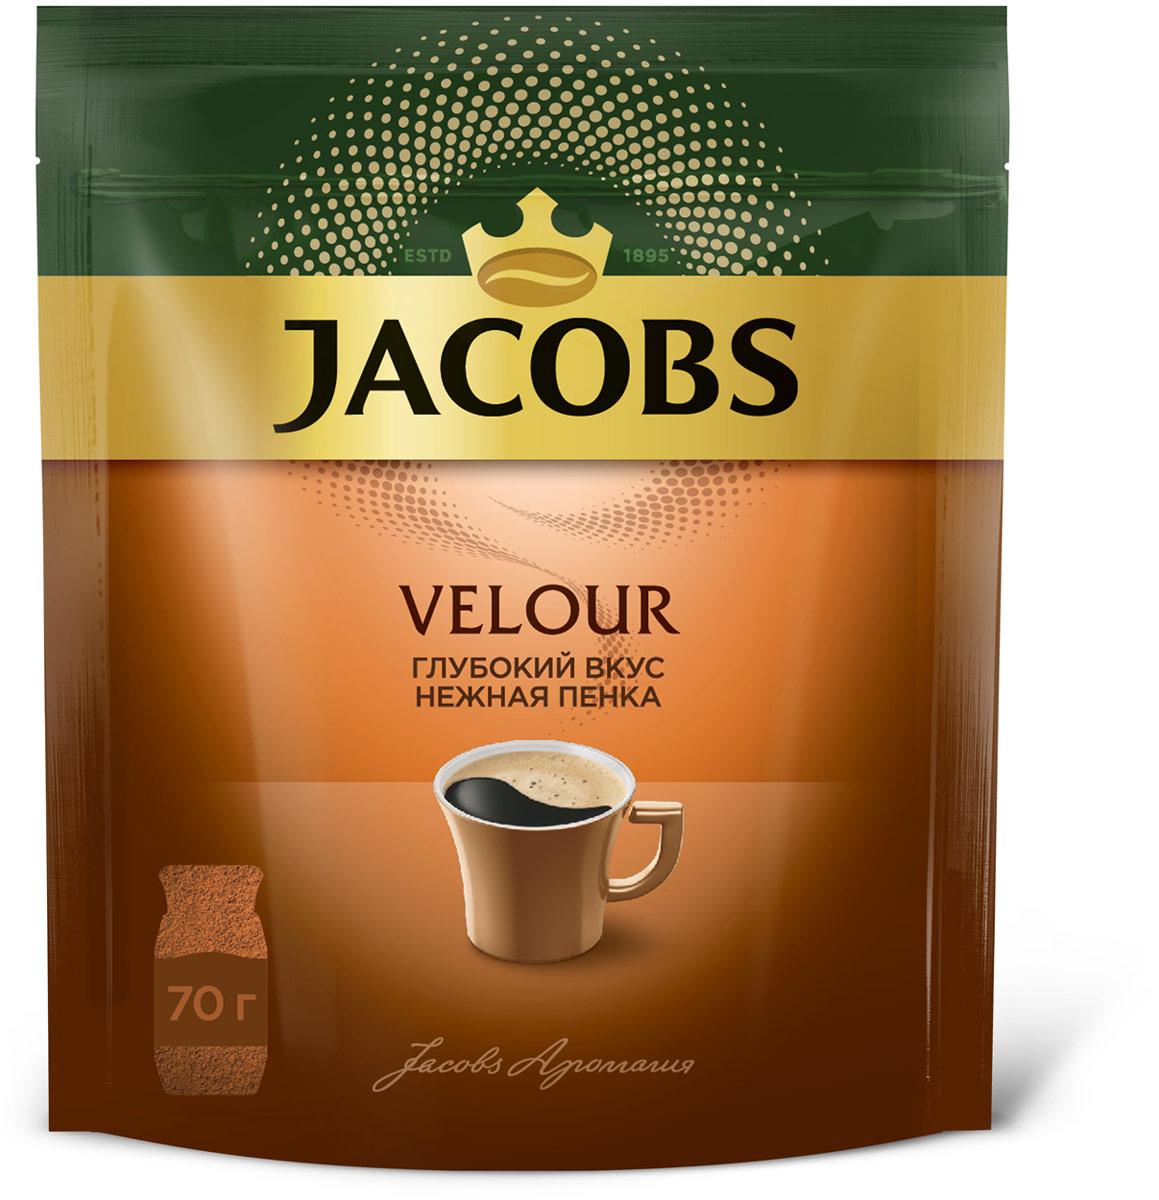 Jacobs Velour кофе растворимый, 70 г (пакет)660648Растворимый кофе Jacobs Velour с нежной кофейной пенкой сочетает в себе разные черты; глубокий вкус, с которыми вы можете ощутить прилив сил, и нежную кофейную пенку, которая сделает вашу чашечку кофе еще более приятной.Благодаря уникальной технологии, кофейные гранулы Jacobs Velour имеют особую пористую структуру. При их заваривании вода высвобождает из гранул пузырьки воздуха, и они создают на поверхности напитка нежную и стойкую кофейную пенку, которая держится до 5 минут!Кофе: мифы и факты. Статья OZON Гид